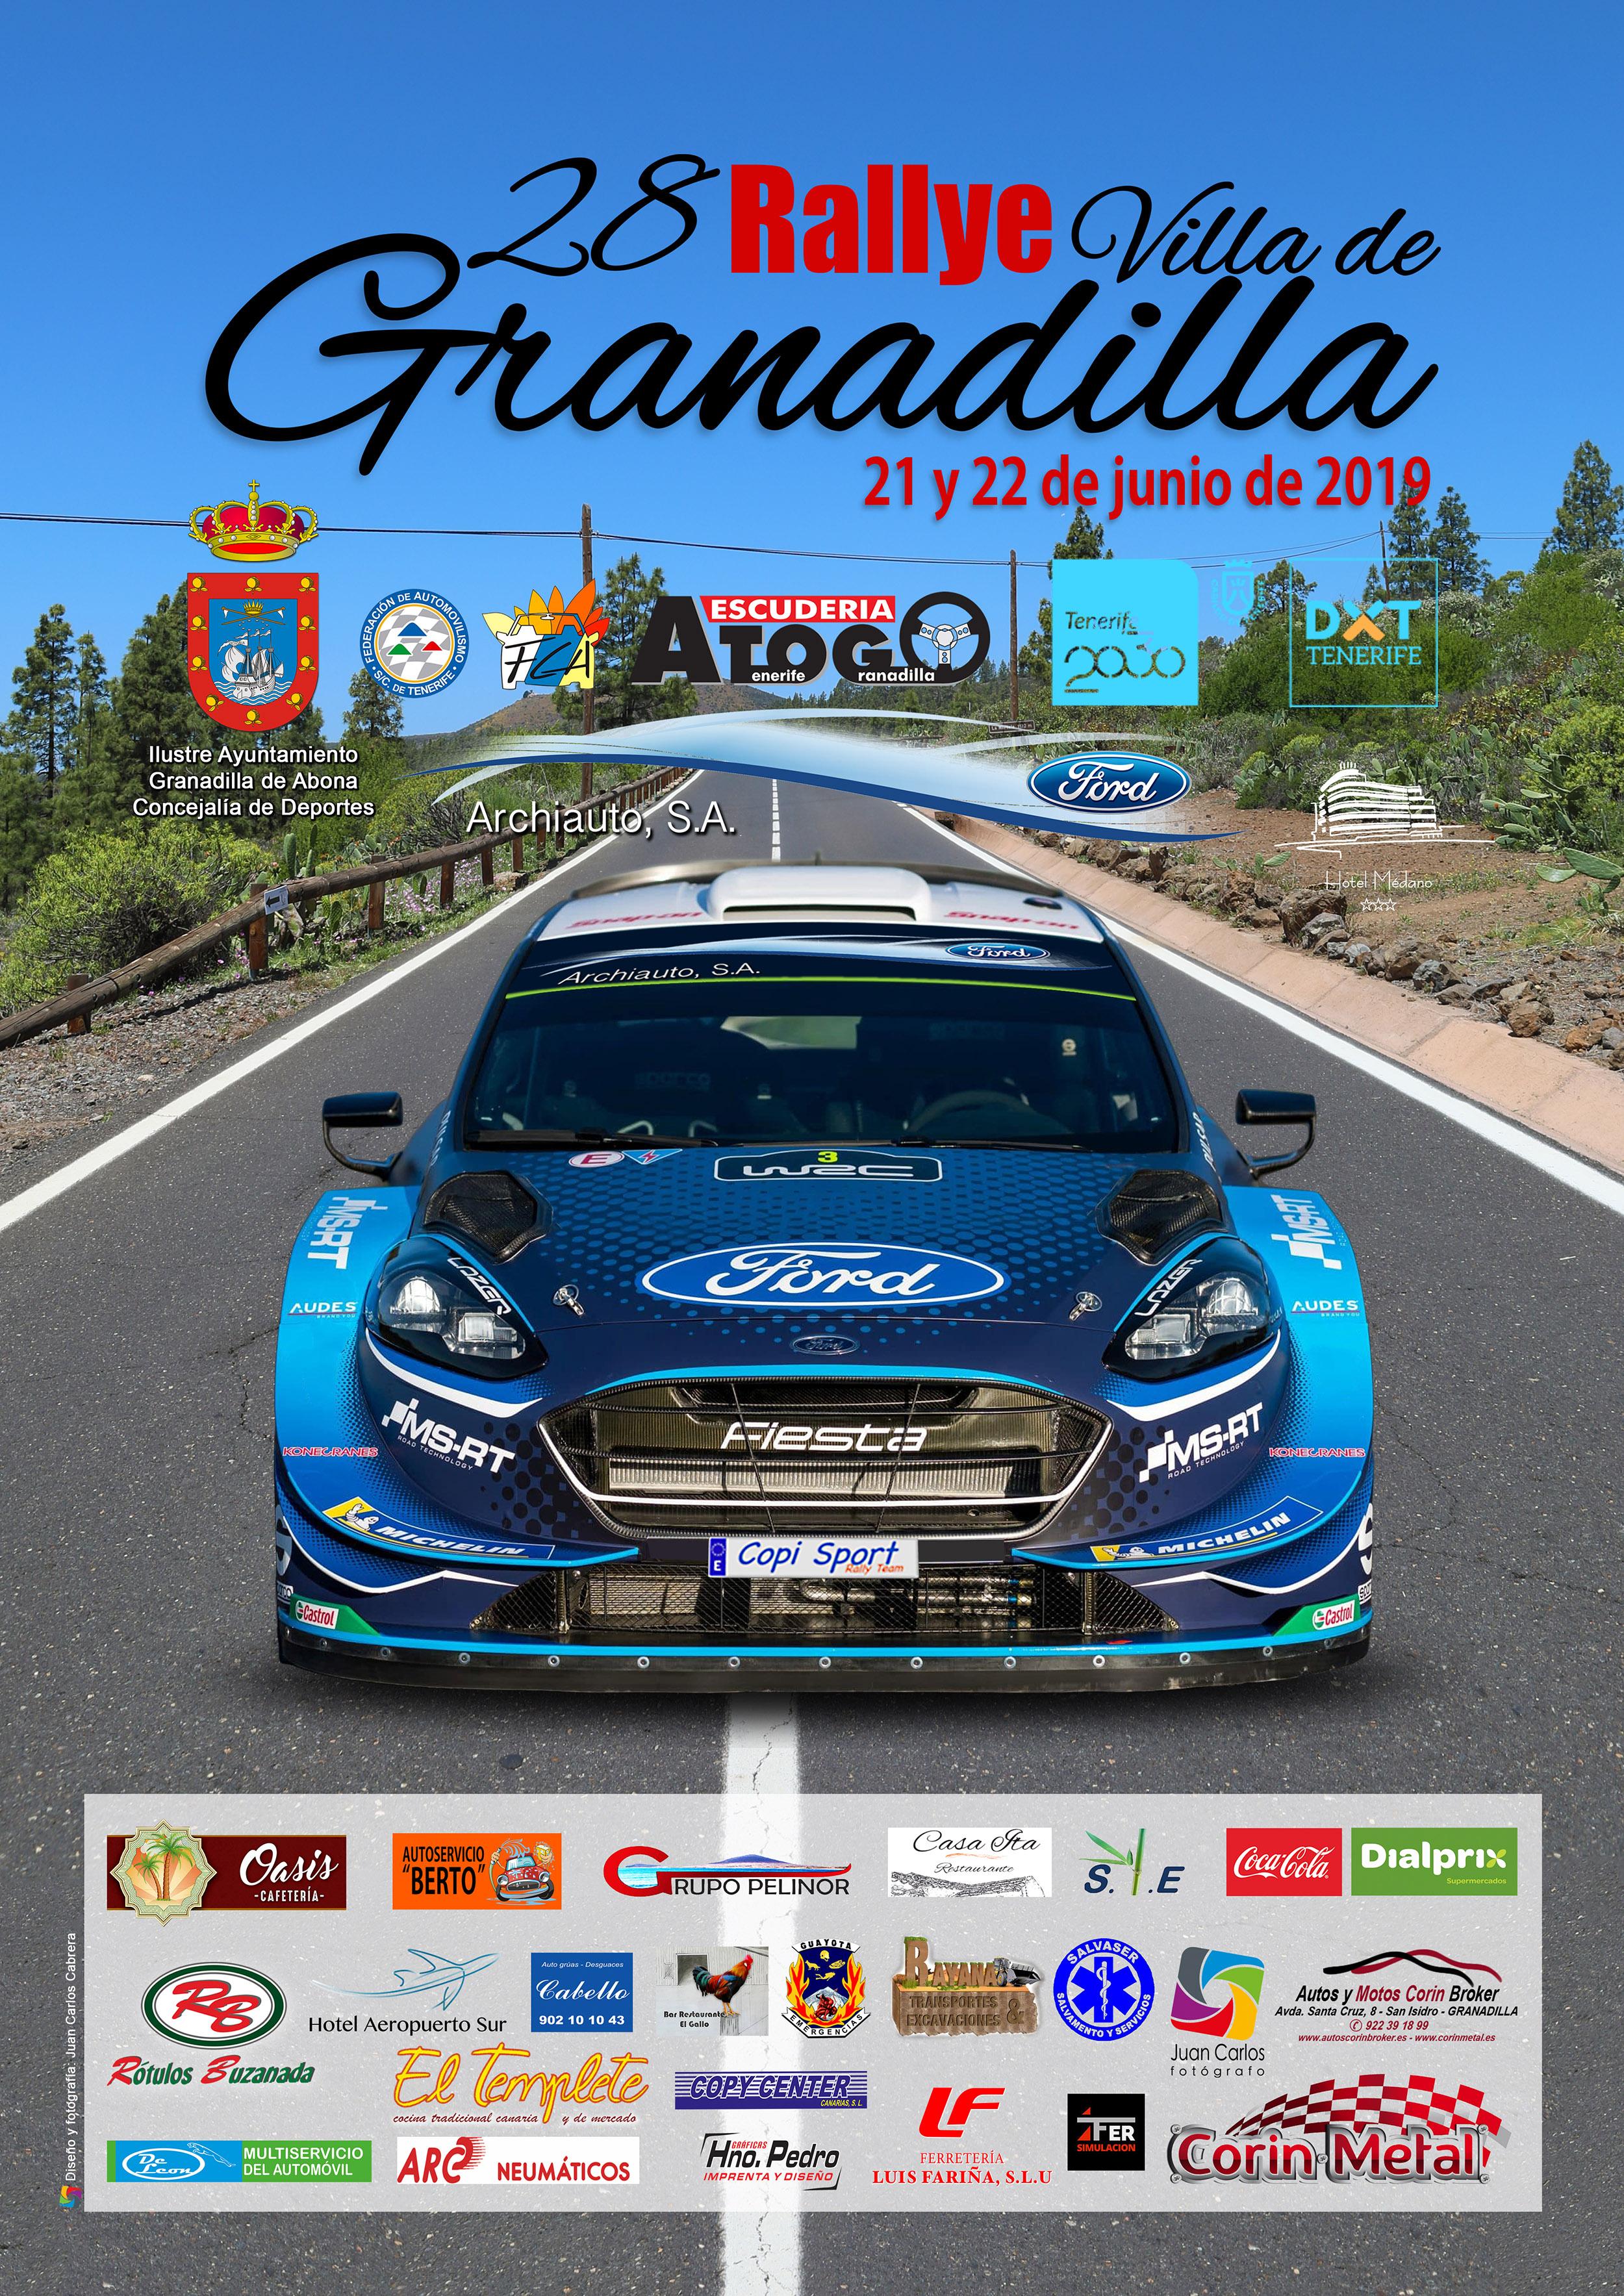 Campeonatos Regionales 2019: Información y novedades - Página 15 Cartel_granadilla_2019